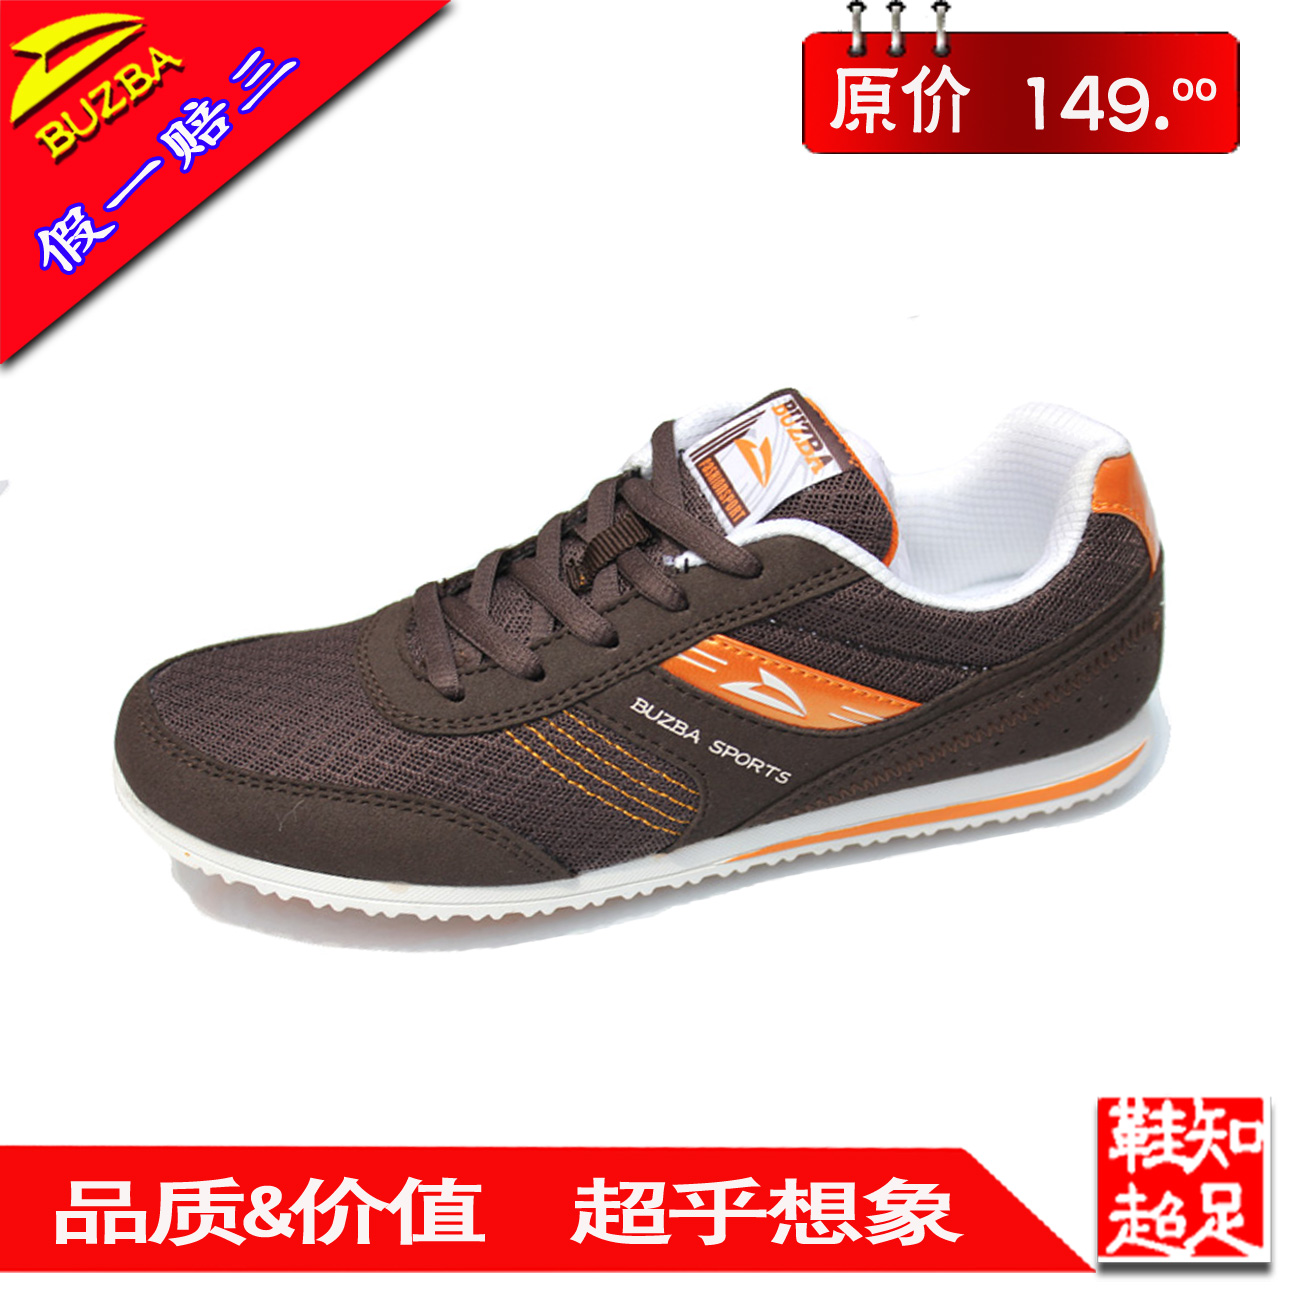 显瘦防滑休闲步之霸春夏旅游女鞋韩版网面透气耐磨学生运动鞋